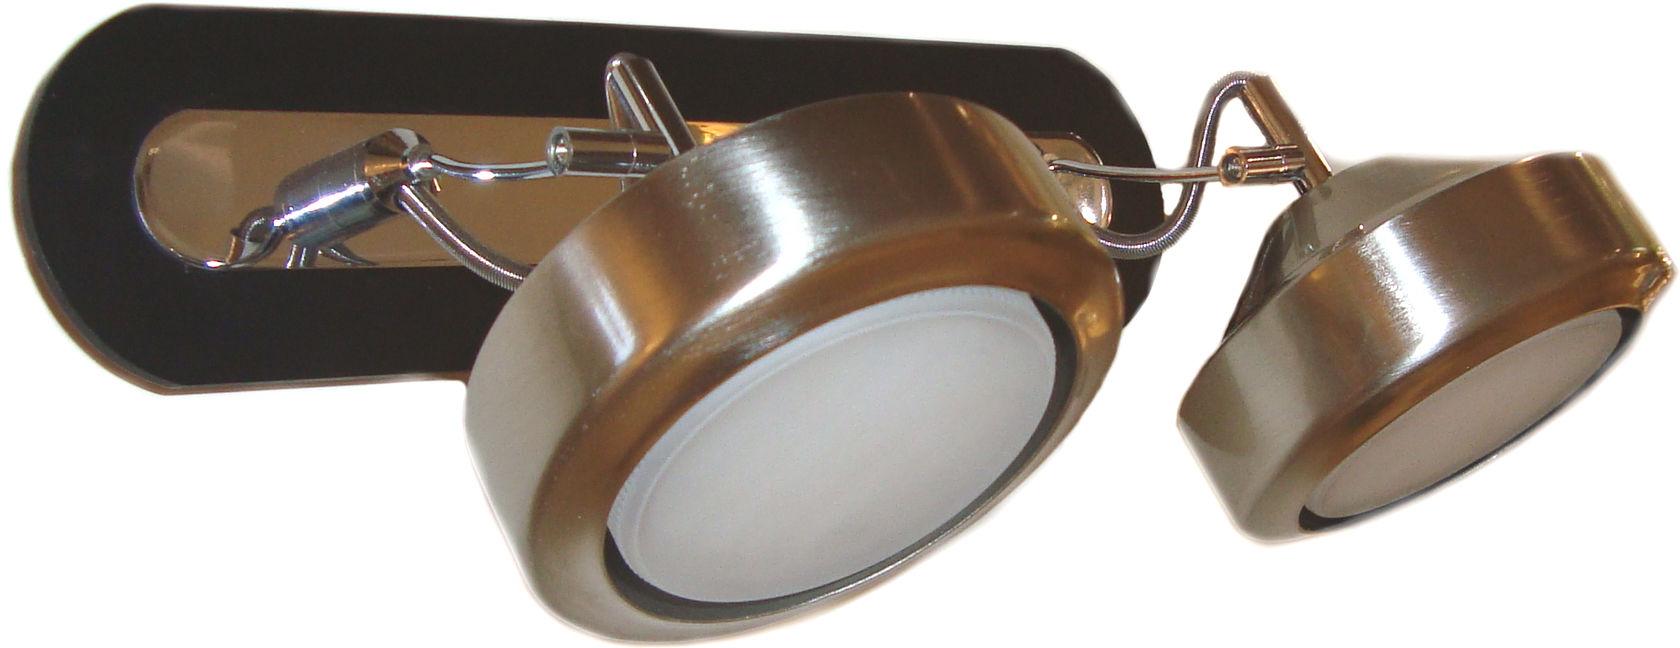 Candellux EARTH 92-15795 oprawa oświetleniowa metalowy klosz regulacja 2X9W GX53 satyna nikiel+wenge 30cm